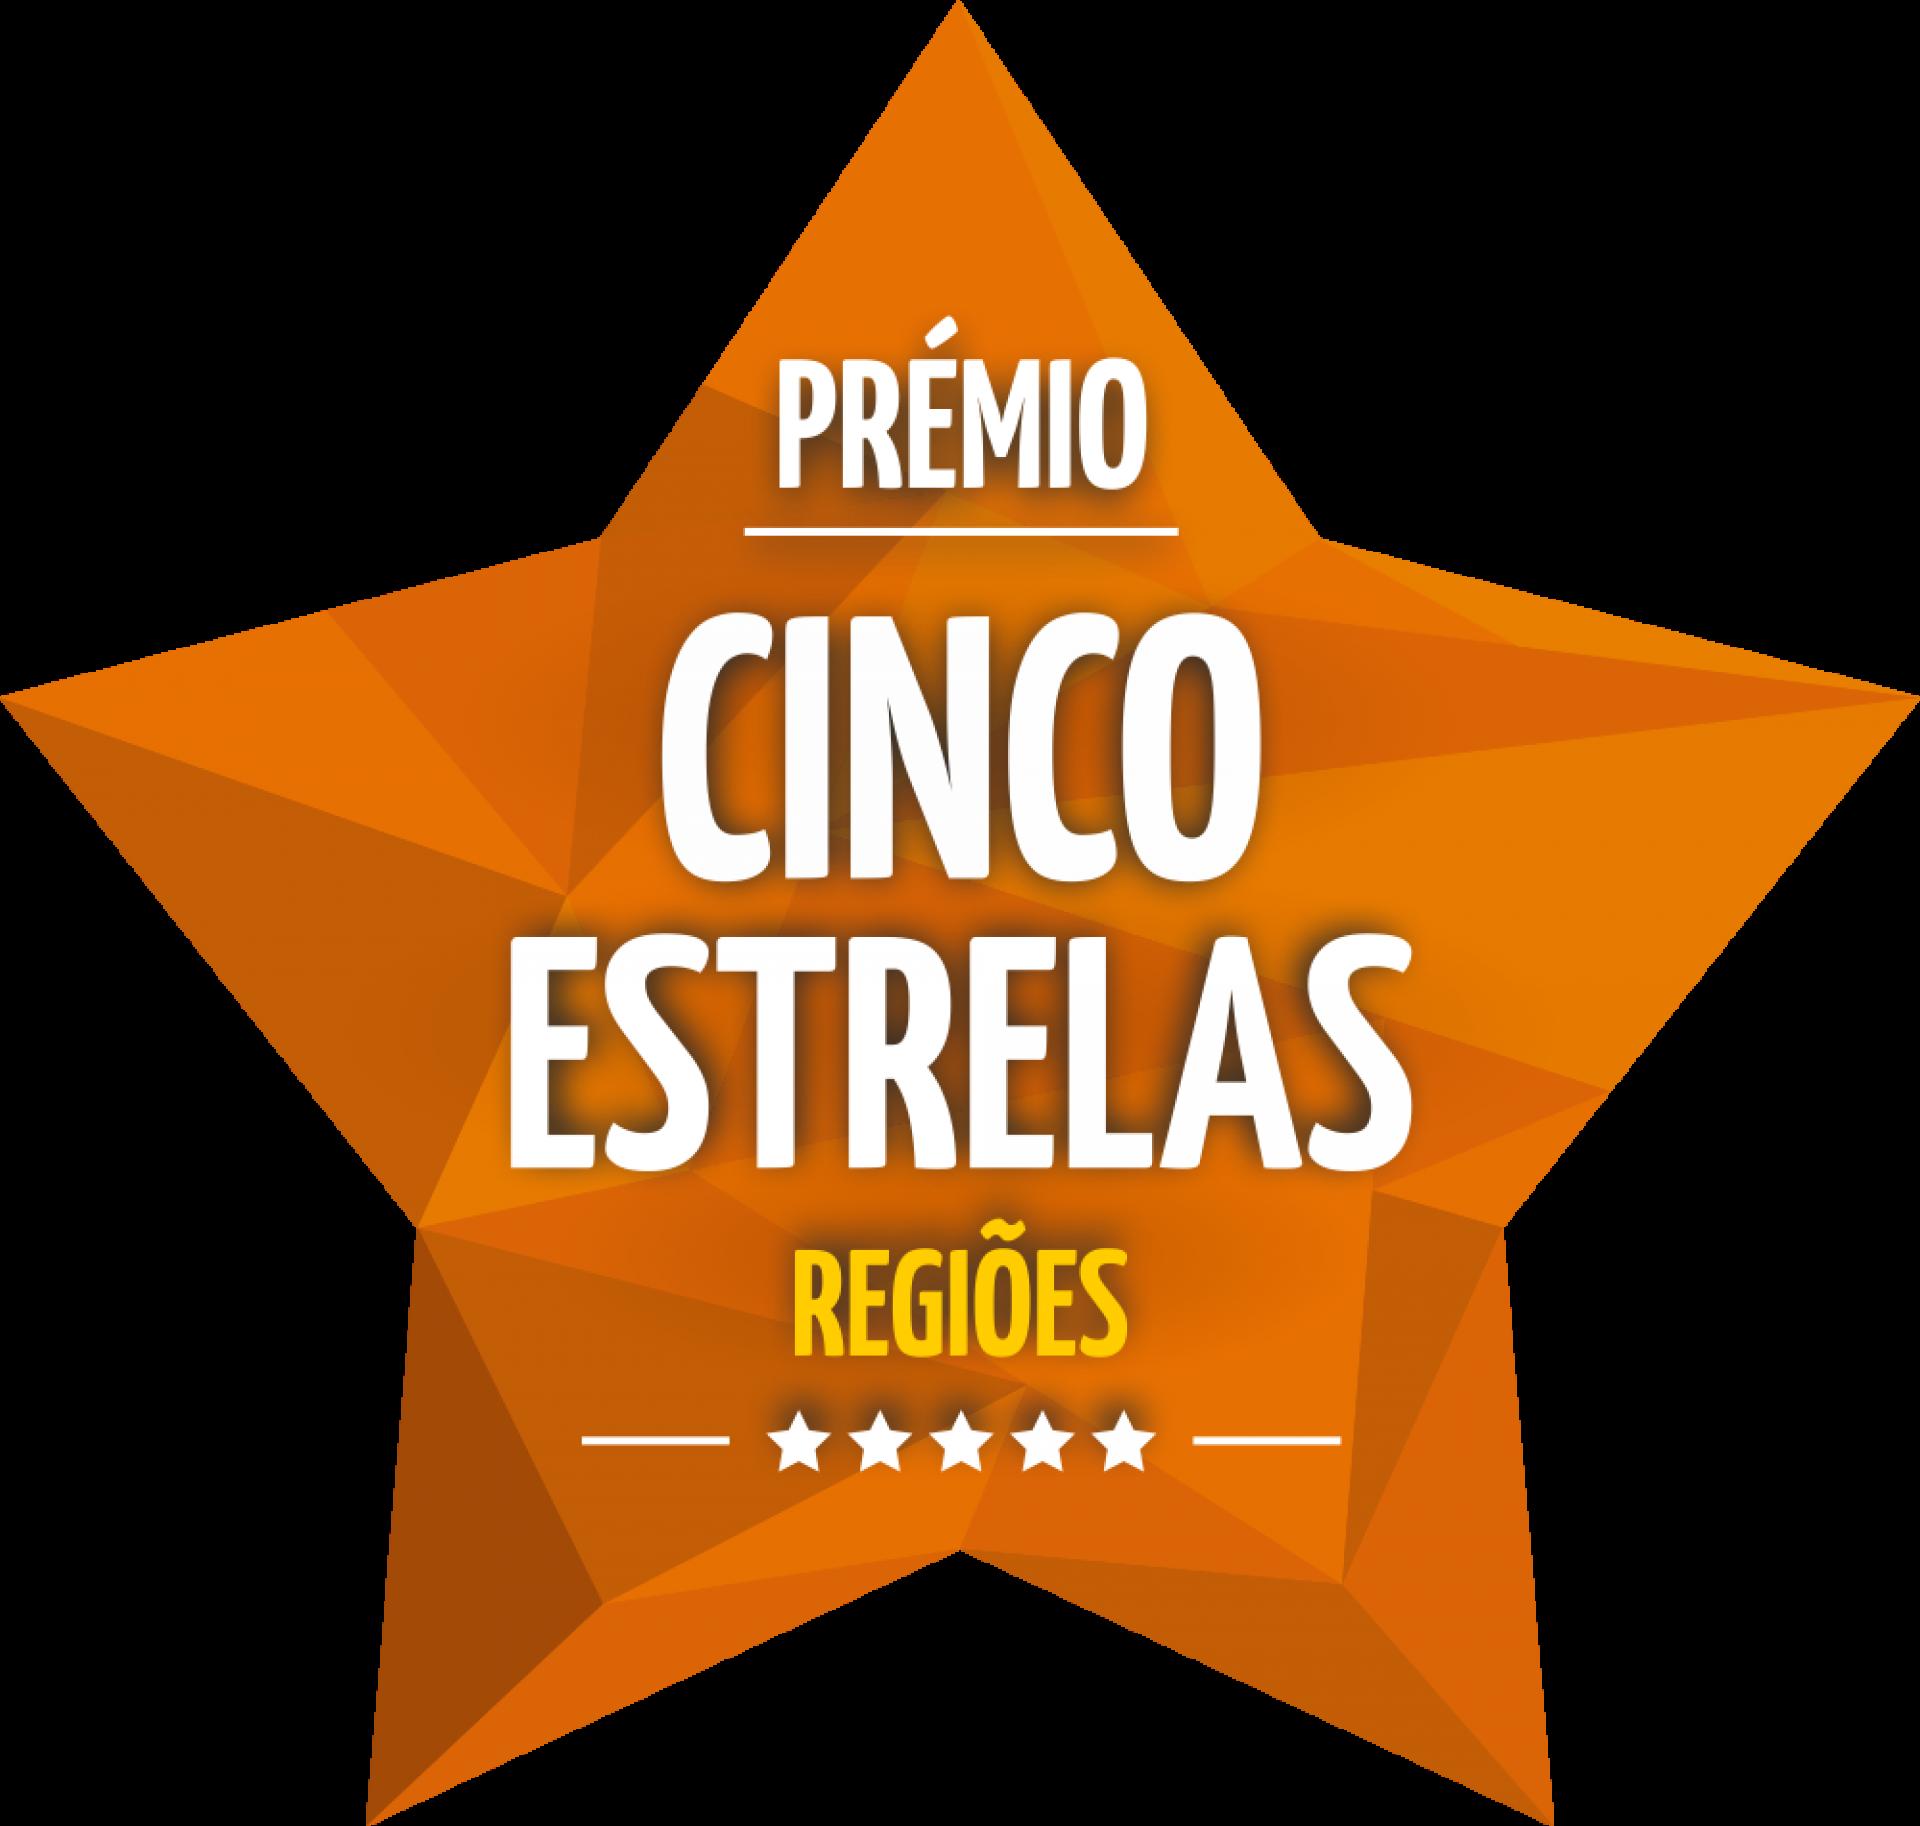 2019 - Prémio Cinco Estrelas Regiões